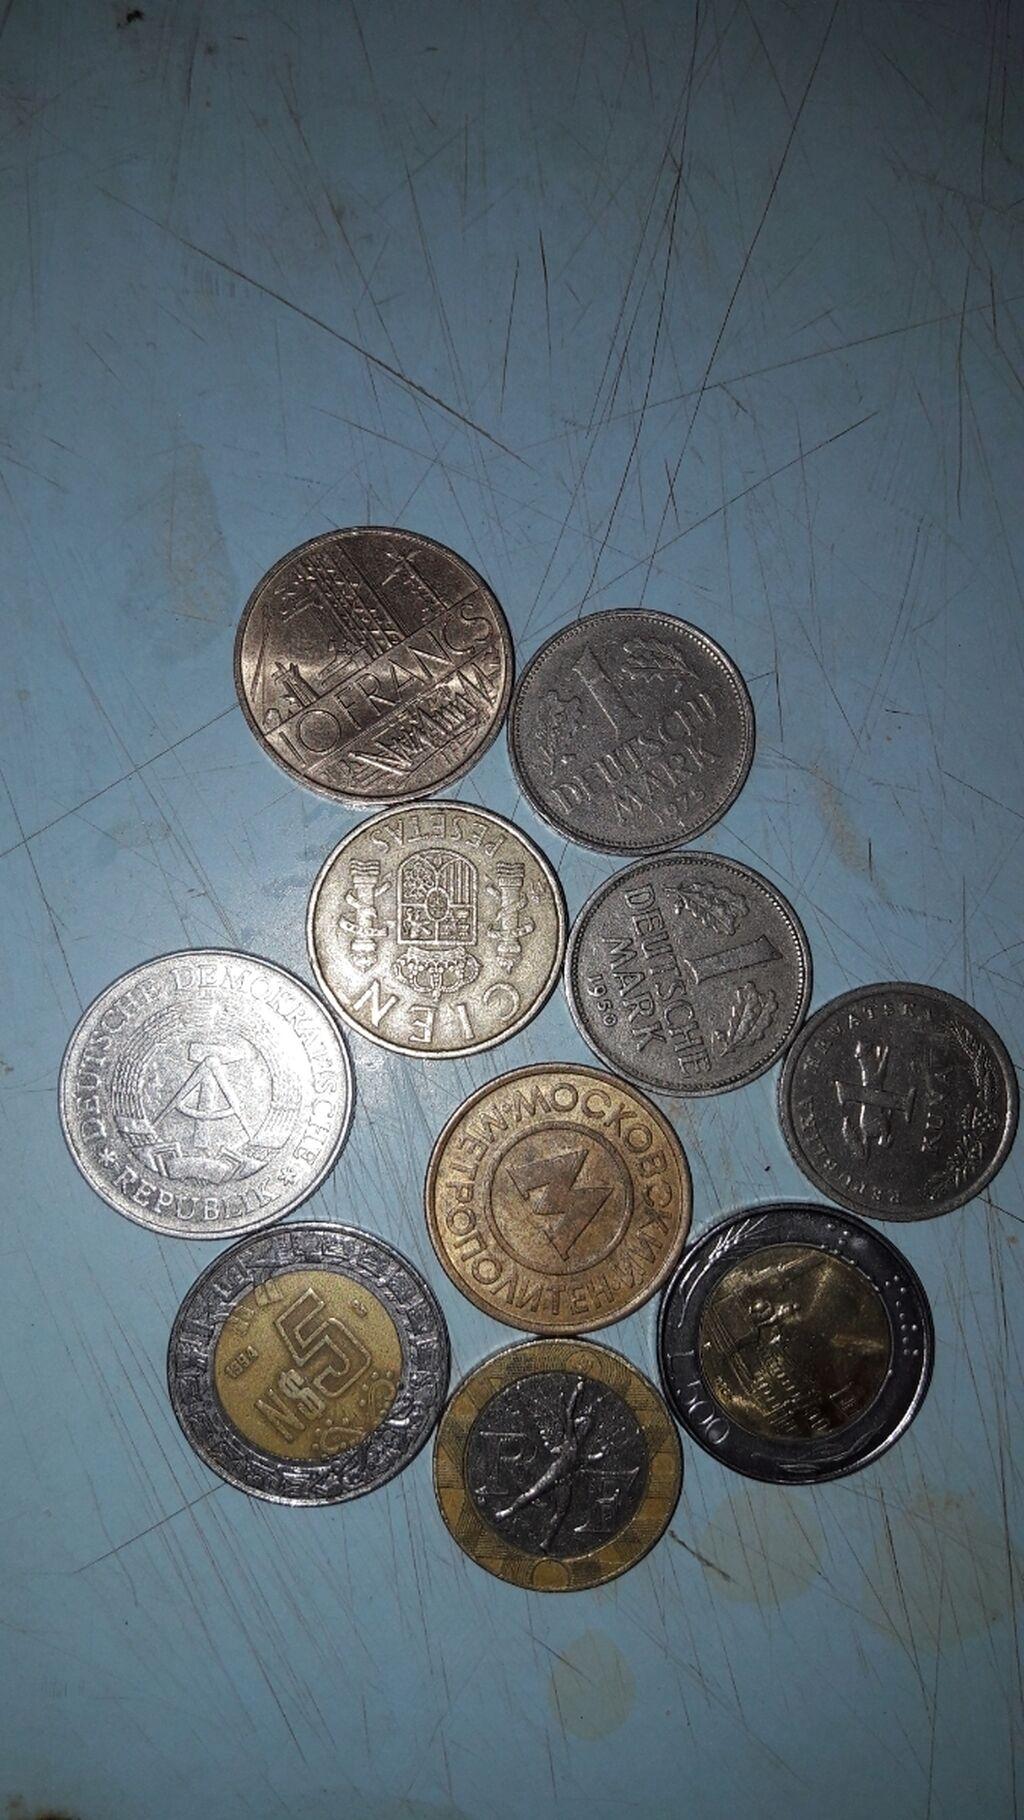 Продам монеты, обрашяться в лс | Объявление создано 12 Сентябрь 2021 07:21:51 | МОНЕТЫ: Продам монеты, обрашяться в лс